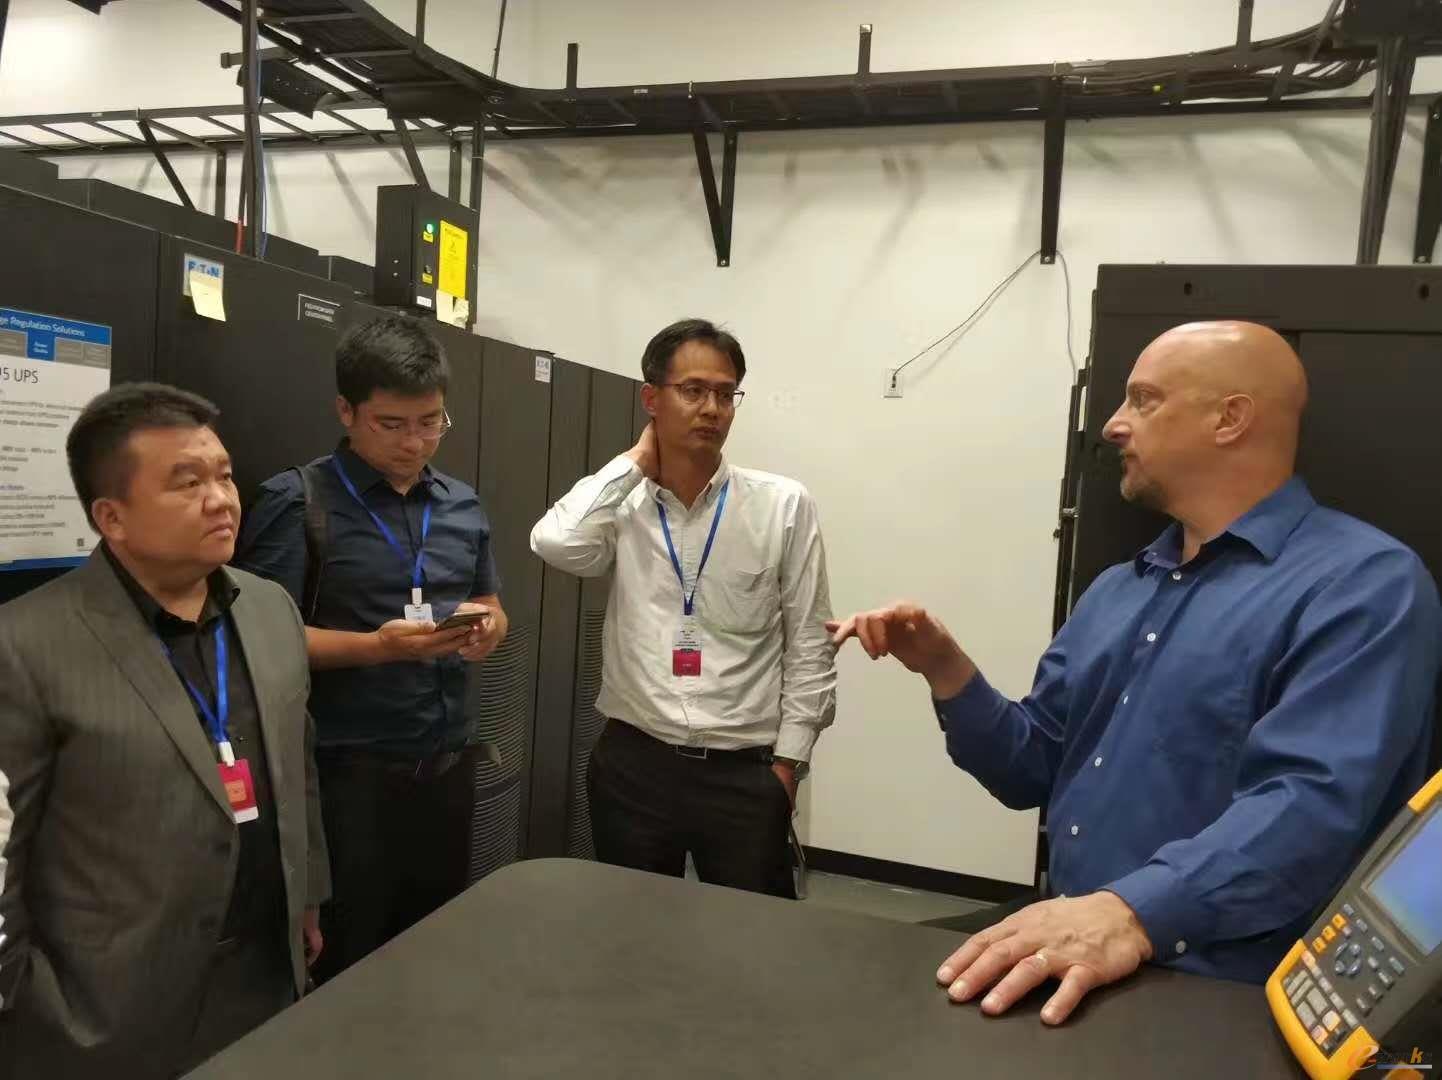 工作人员向考察团介绍伊顿电气解决方案的多种应用场景